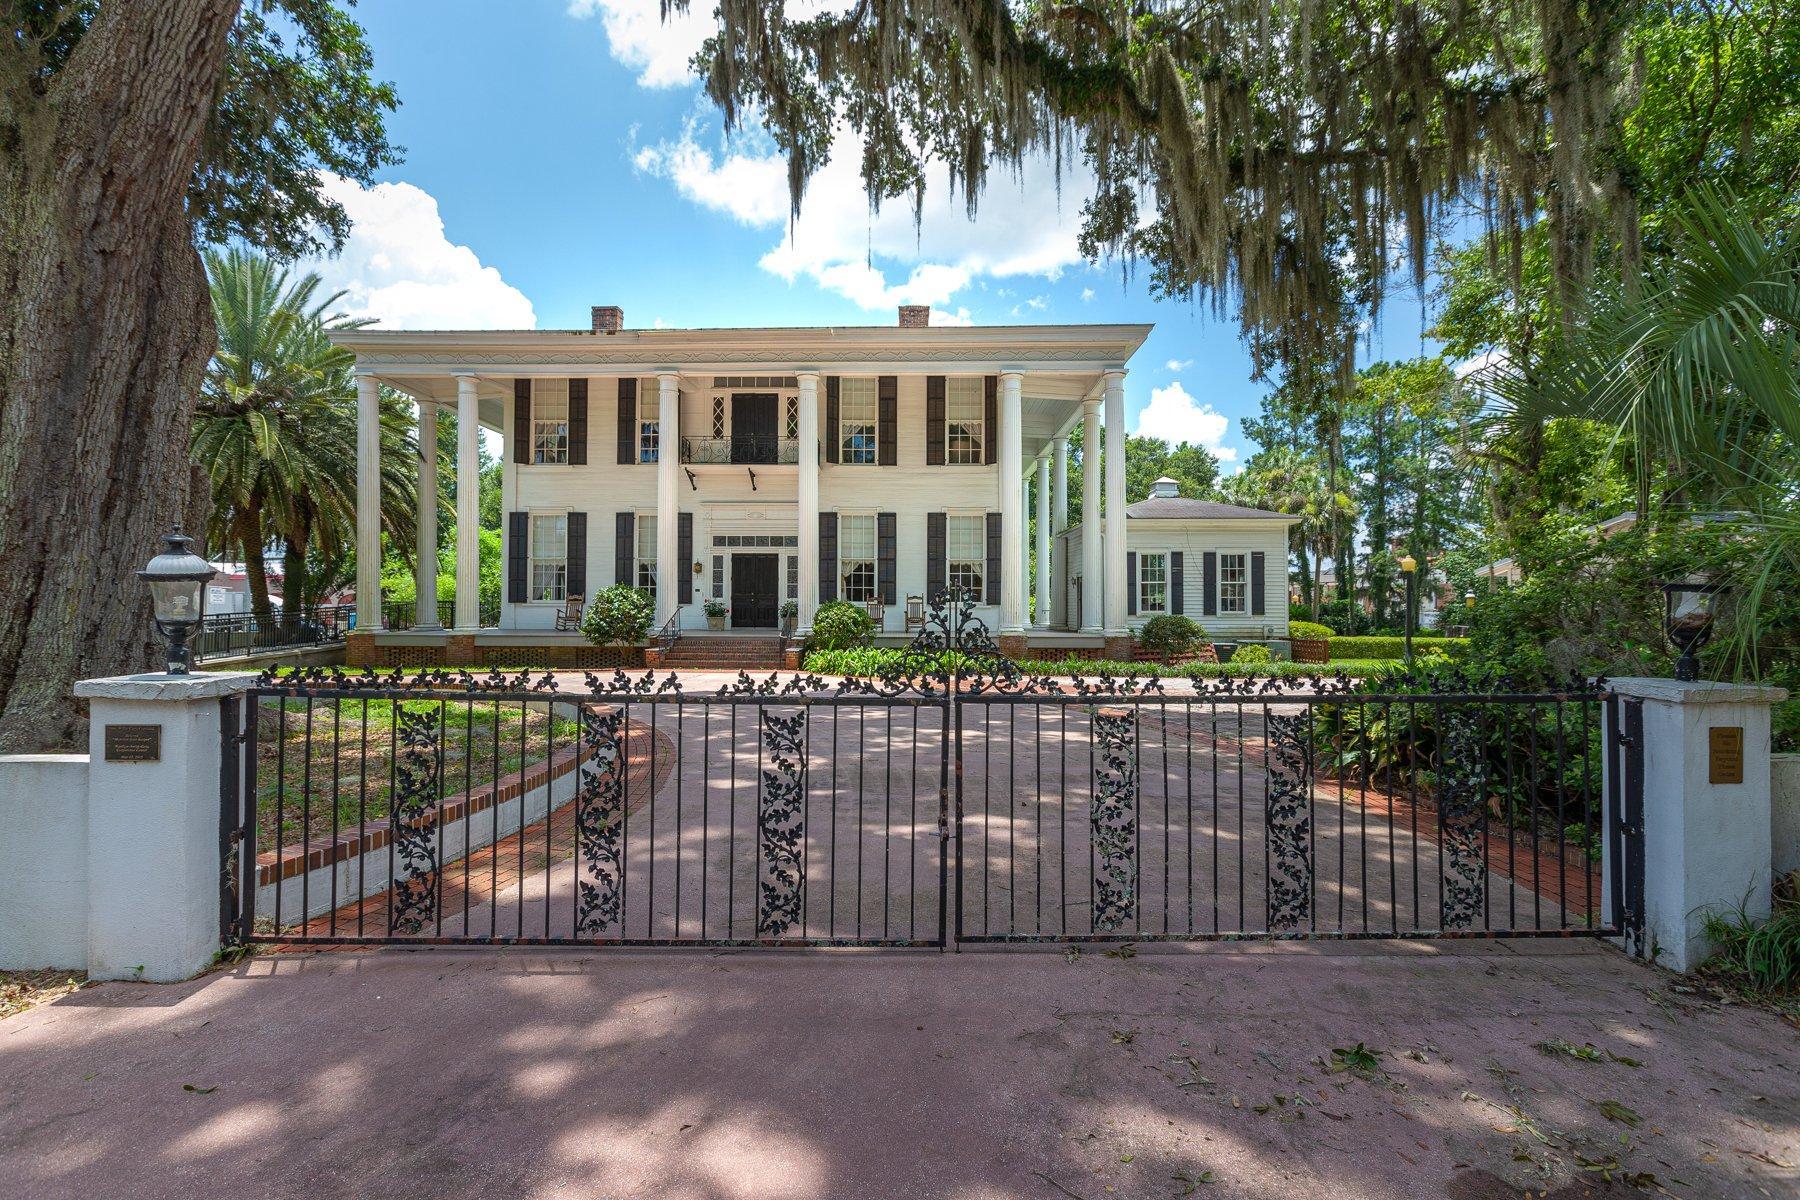 Дом в Мадисон, Флорида, Соединенные Штаты Америки 1 - 11604883